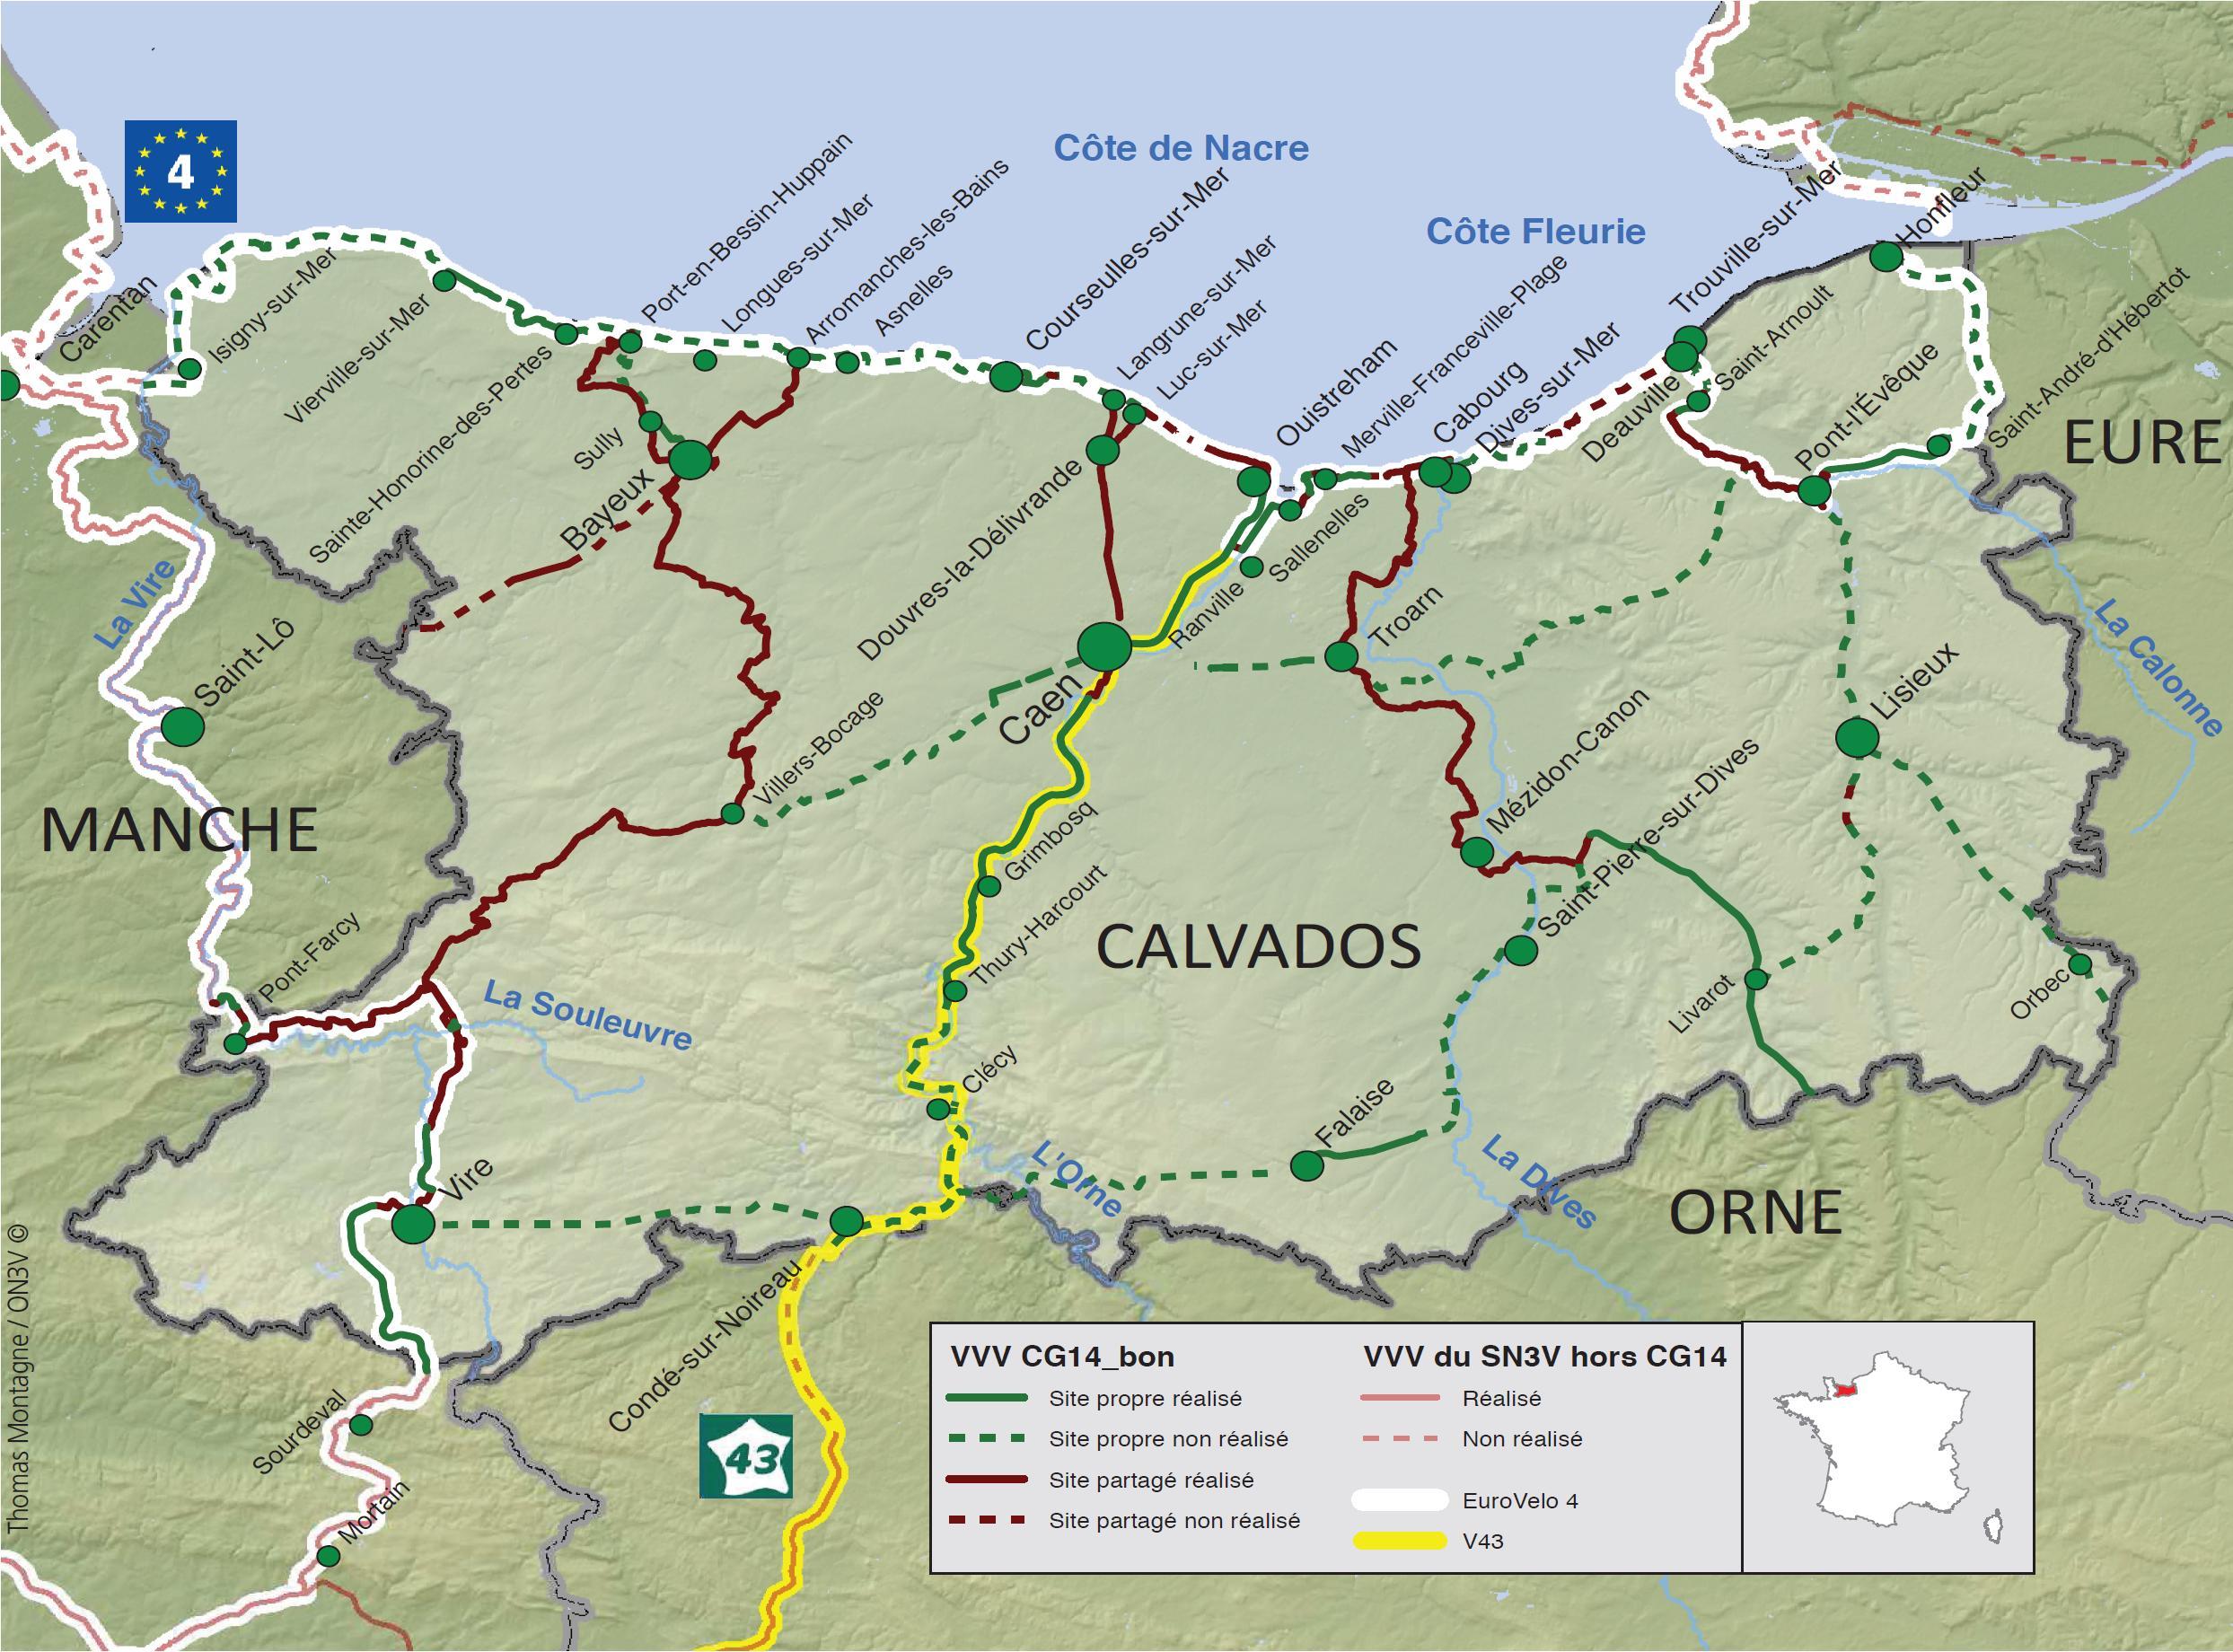 17emes rencontres des departements et regions cyclables